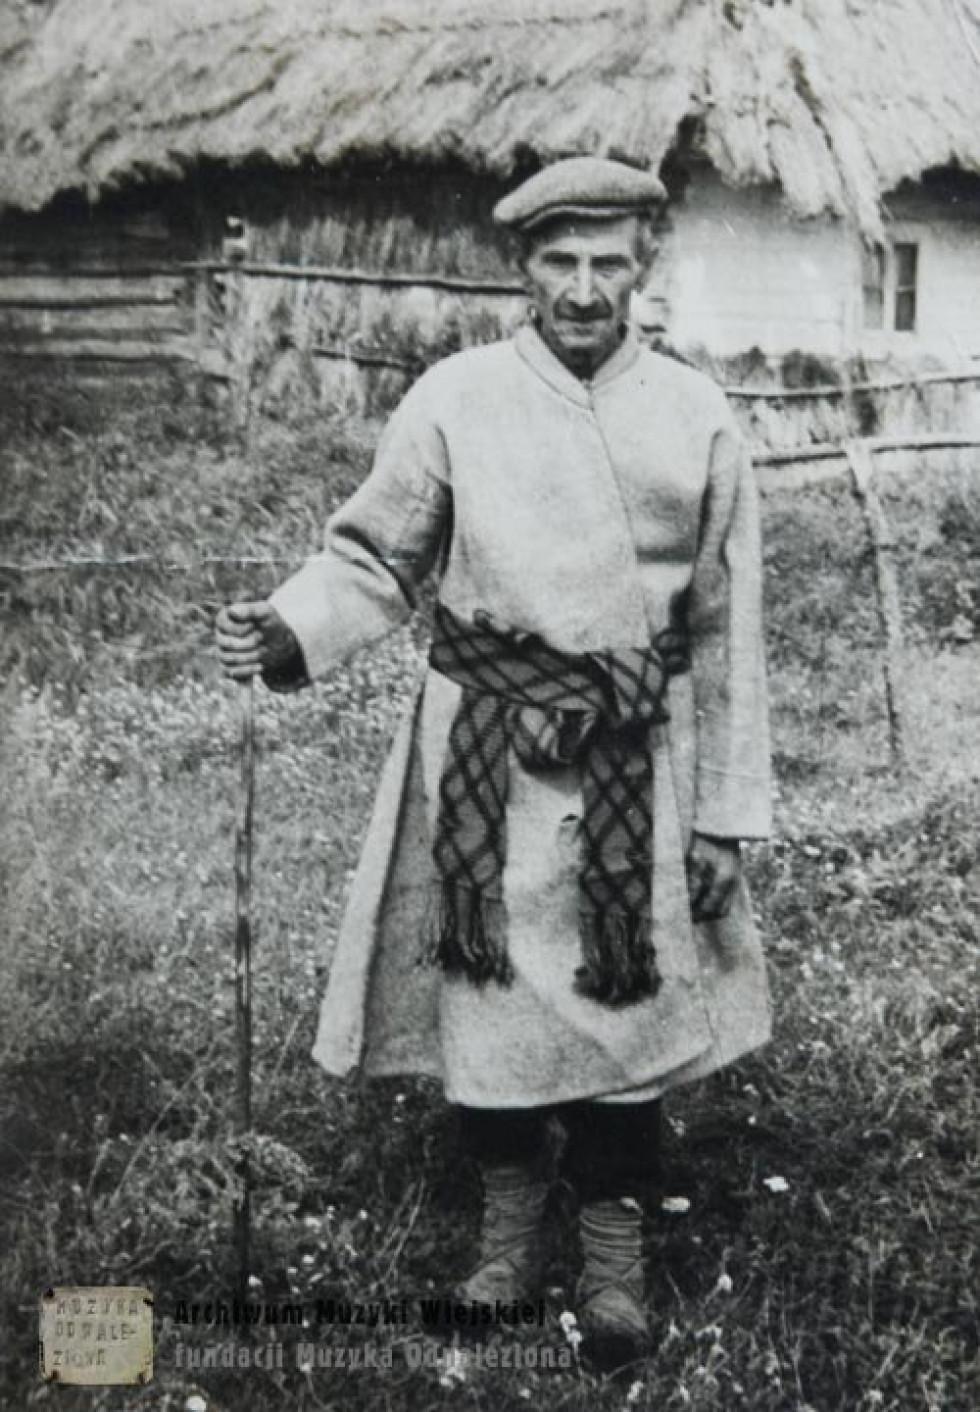 Чоловік в традиційному поліському одязі. Велика Глуша, 1970